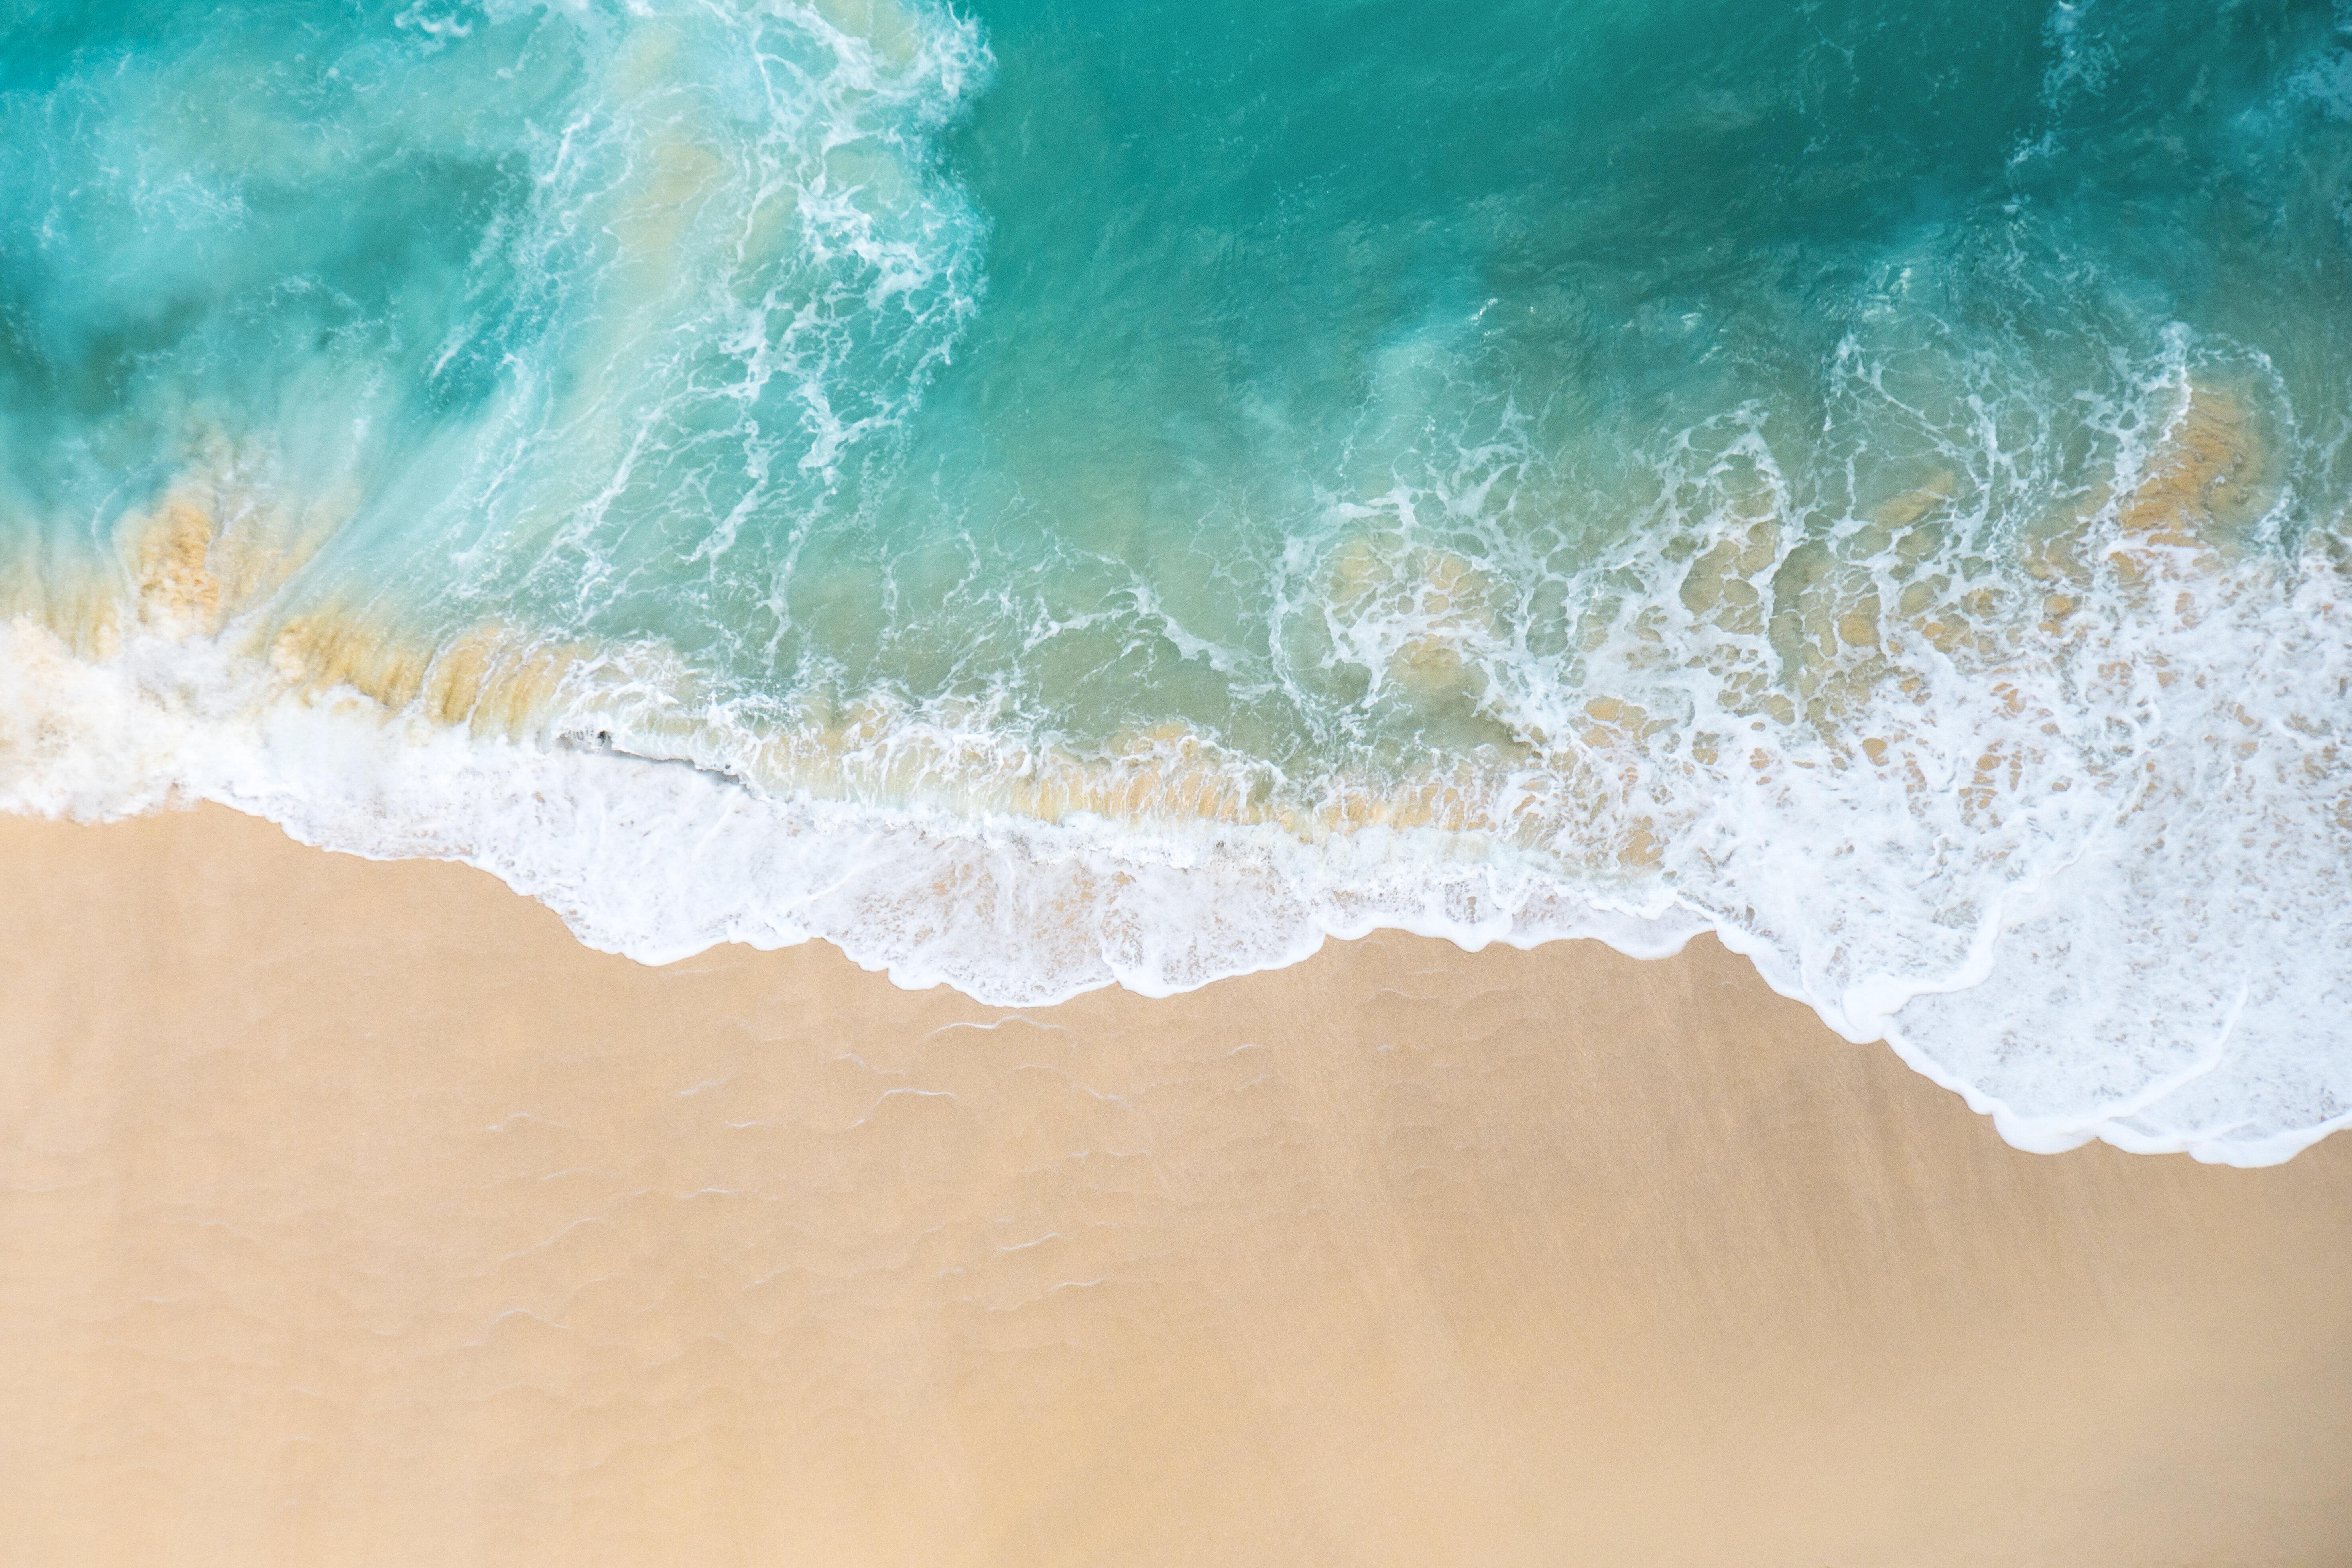 Les océans pourraient monter de 2 mètres d'ici